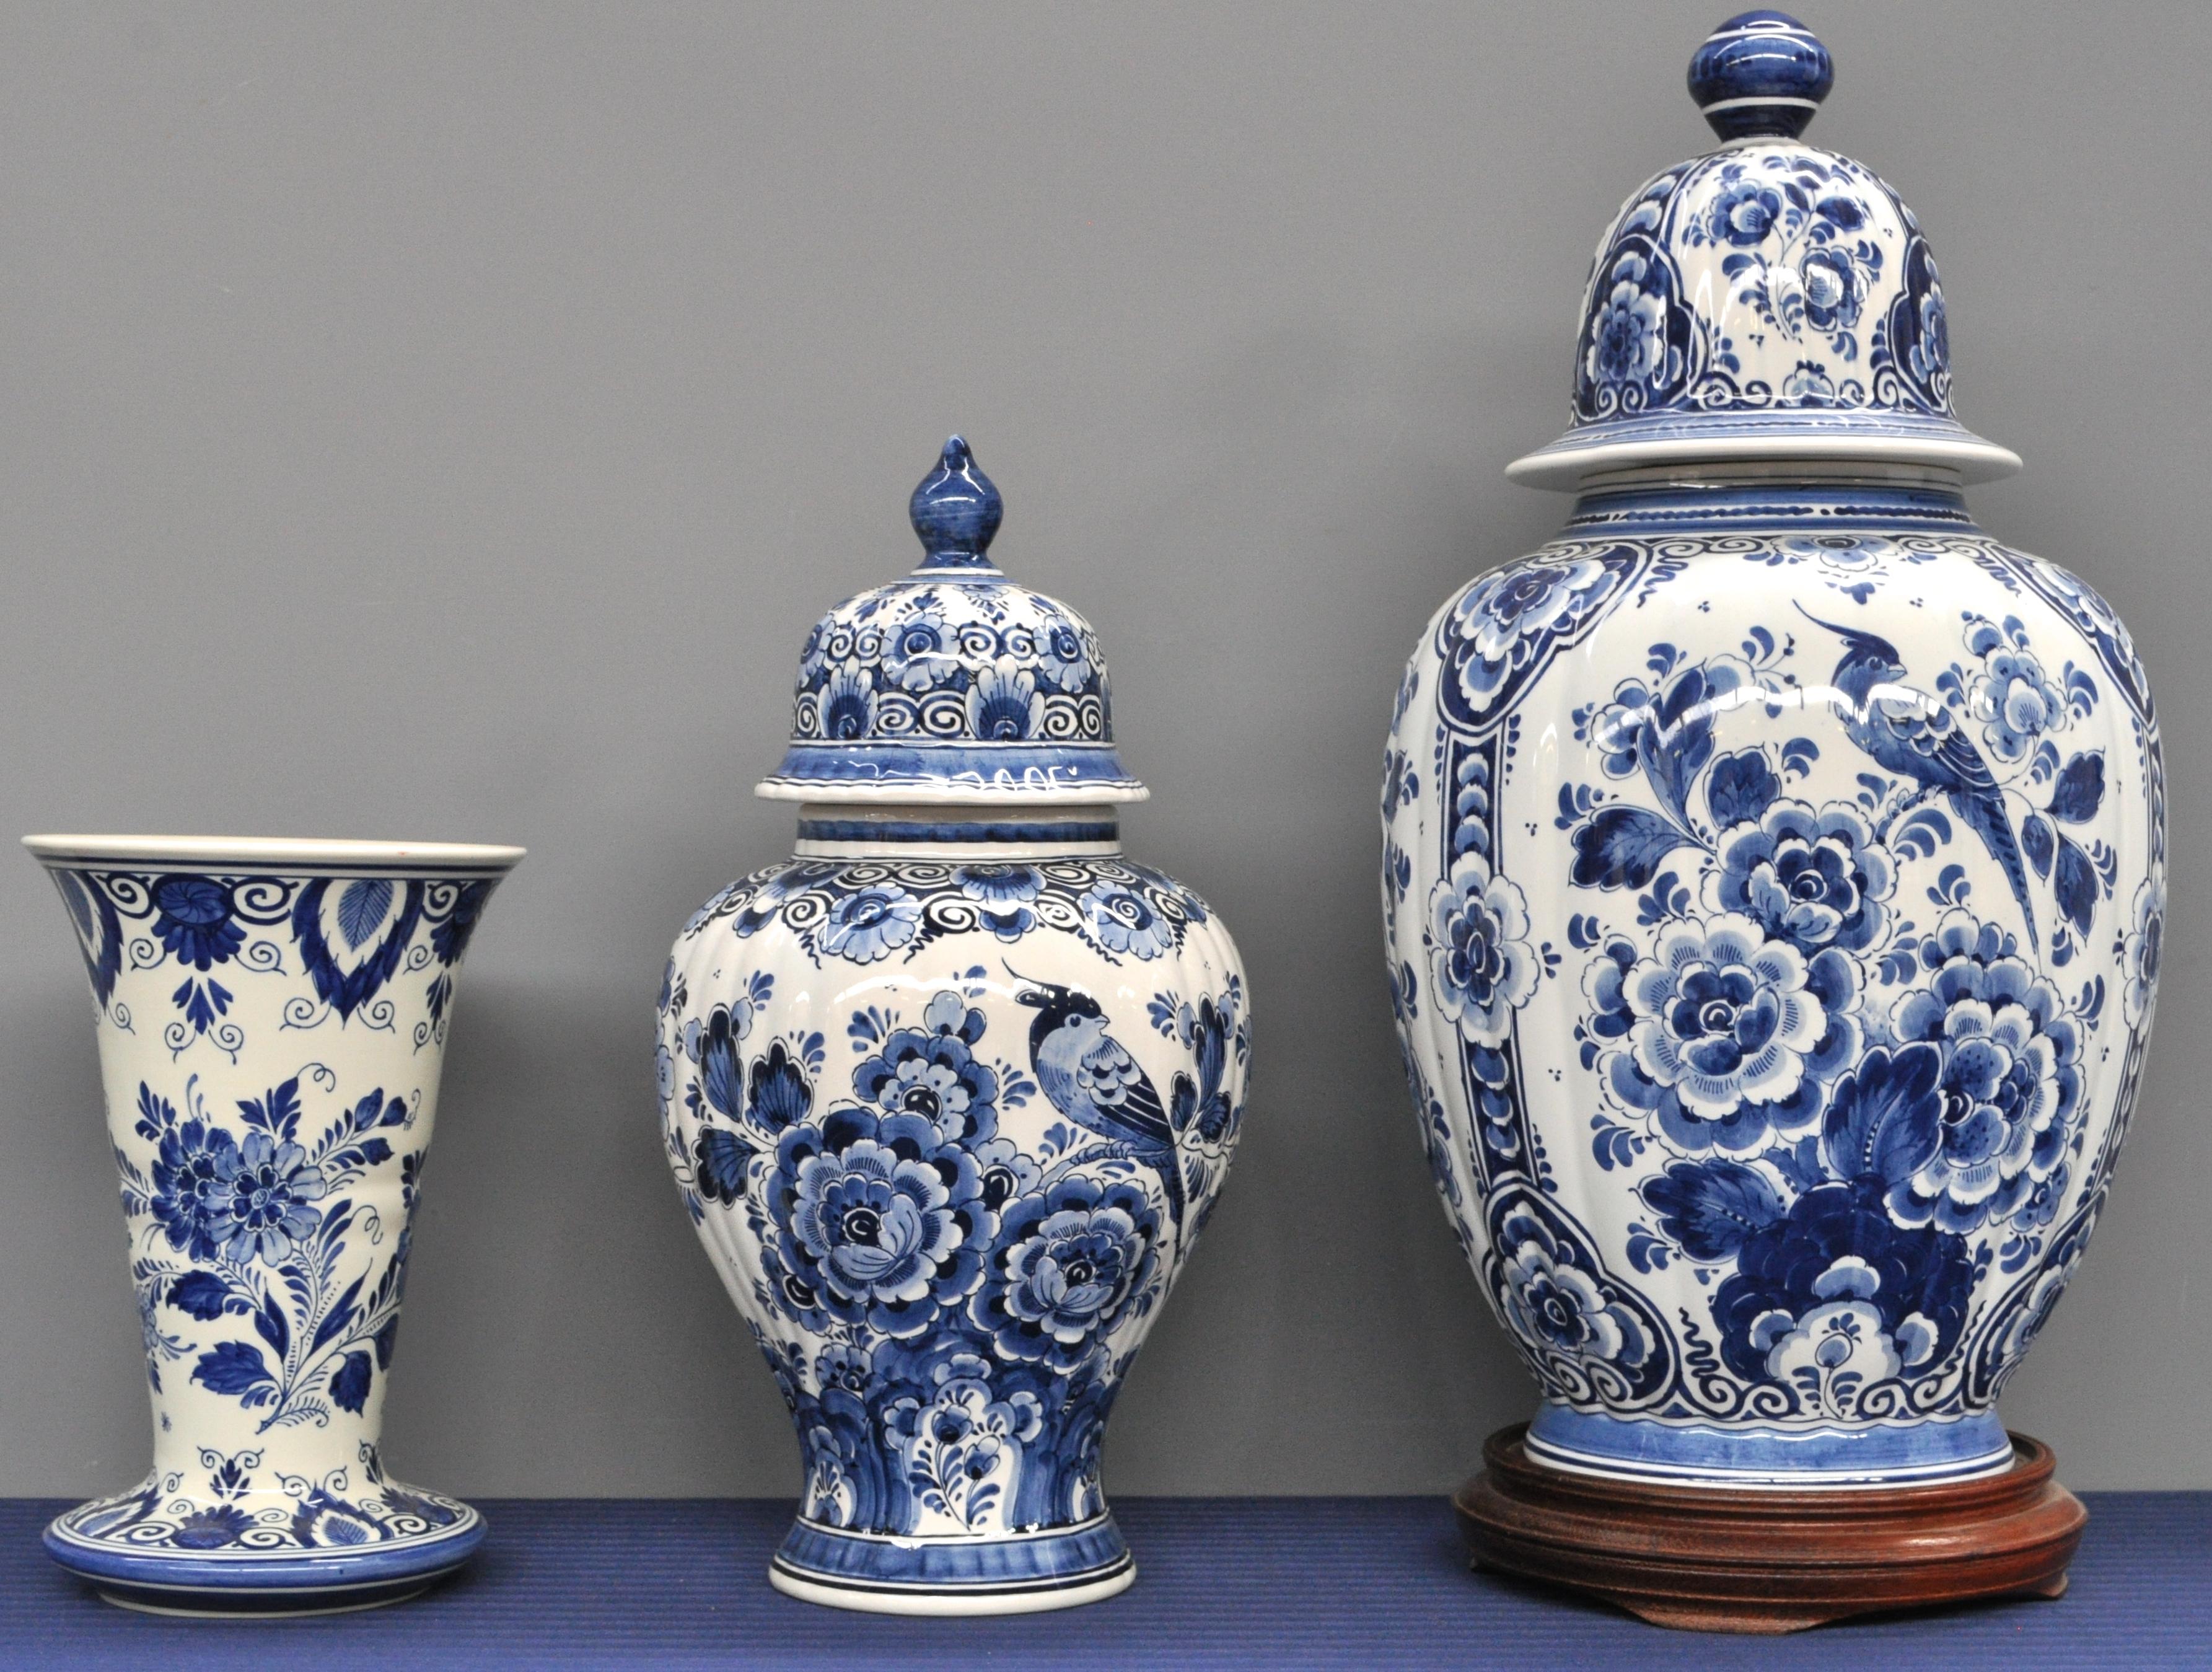 drie vazen van blauw en wit delfts aardewerk waarvan twee